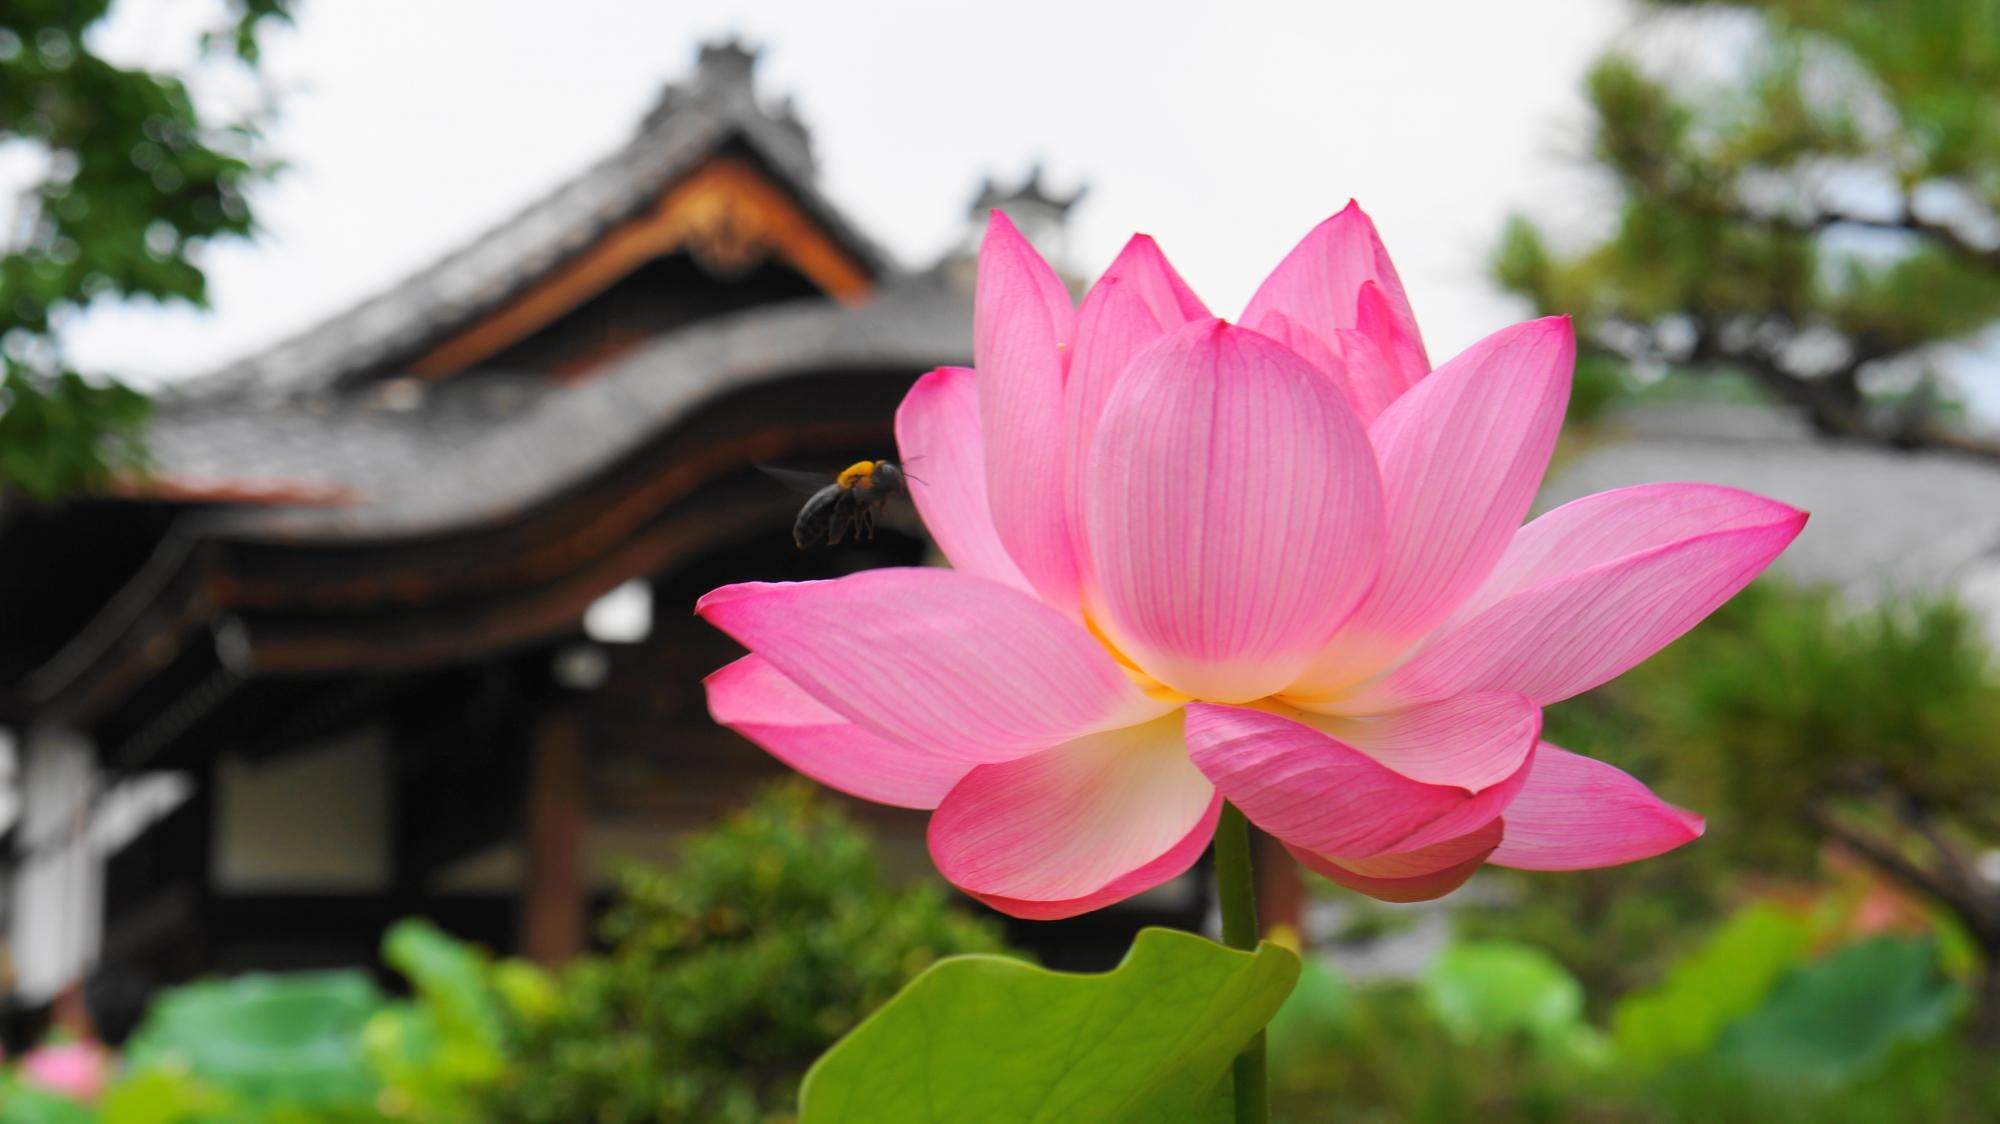 法金剛院独特の伽藍を背景にした絵になる蓮の花